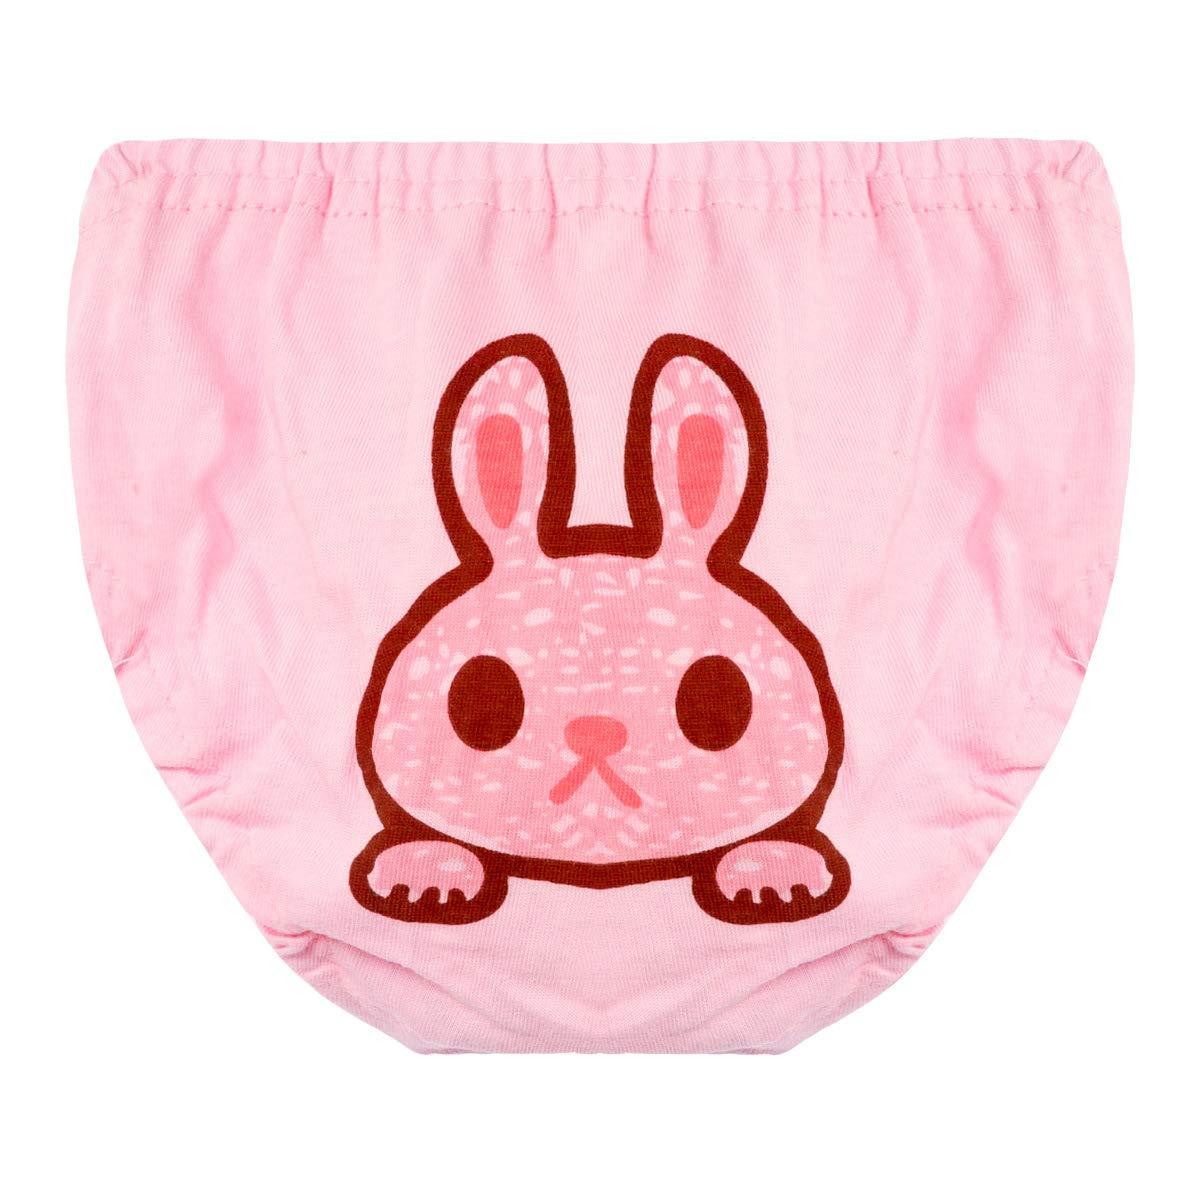 ACVIP Baby Trainerhosen Lernwindel Windelhose Training Pants T/öpfchentraining Unterhosen Unterw/äsche 3er-Pack